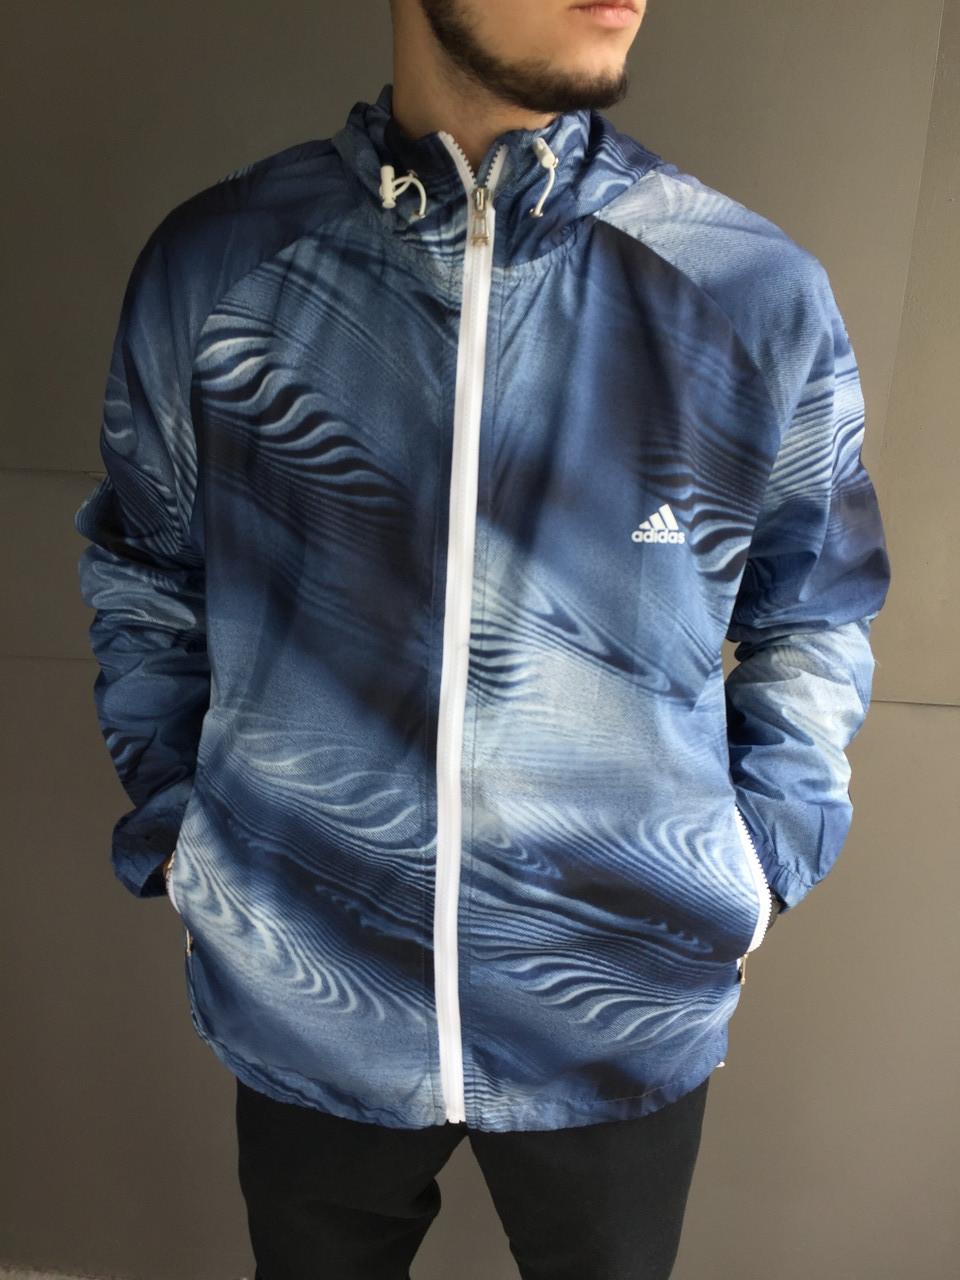 Ветровка мужская Adidas.Плащевка